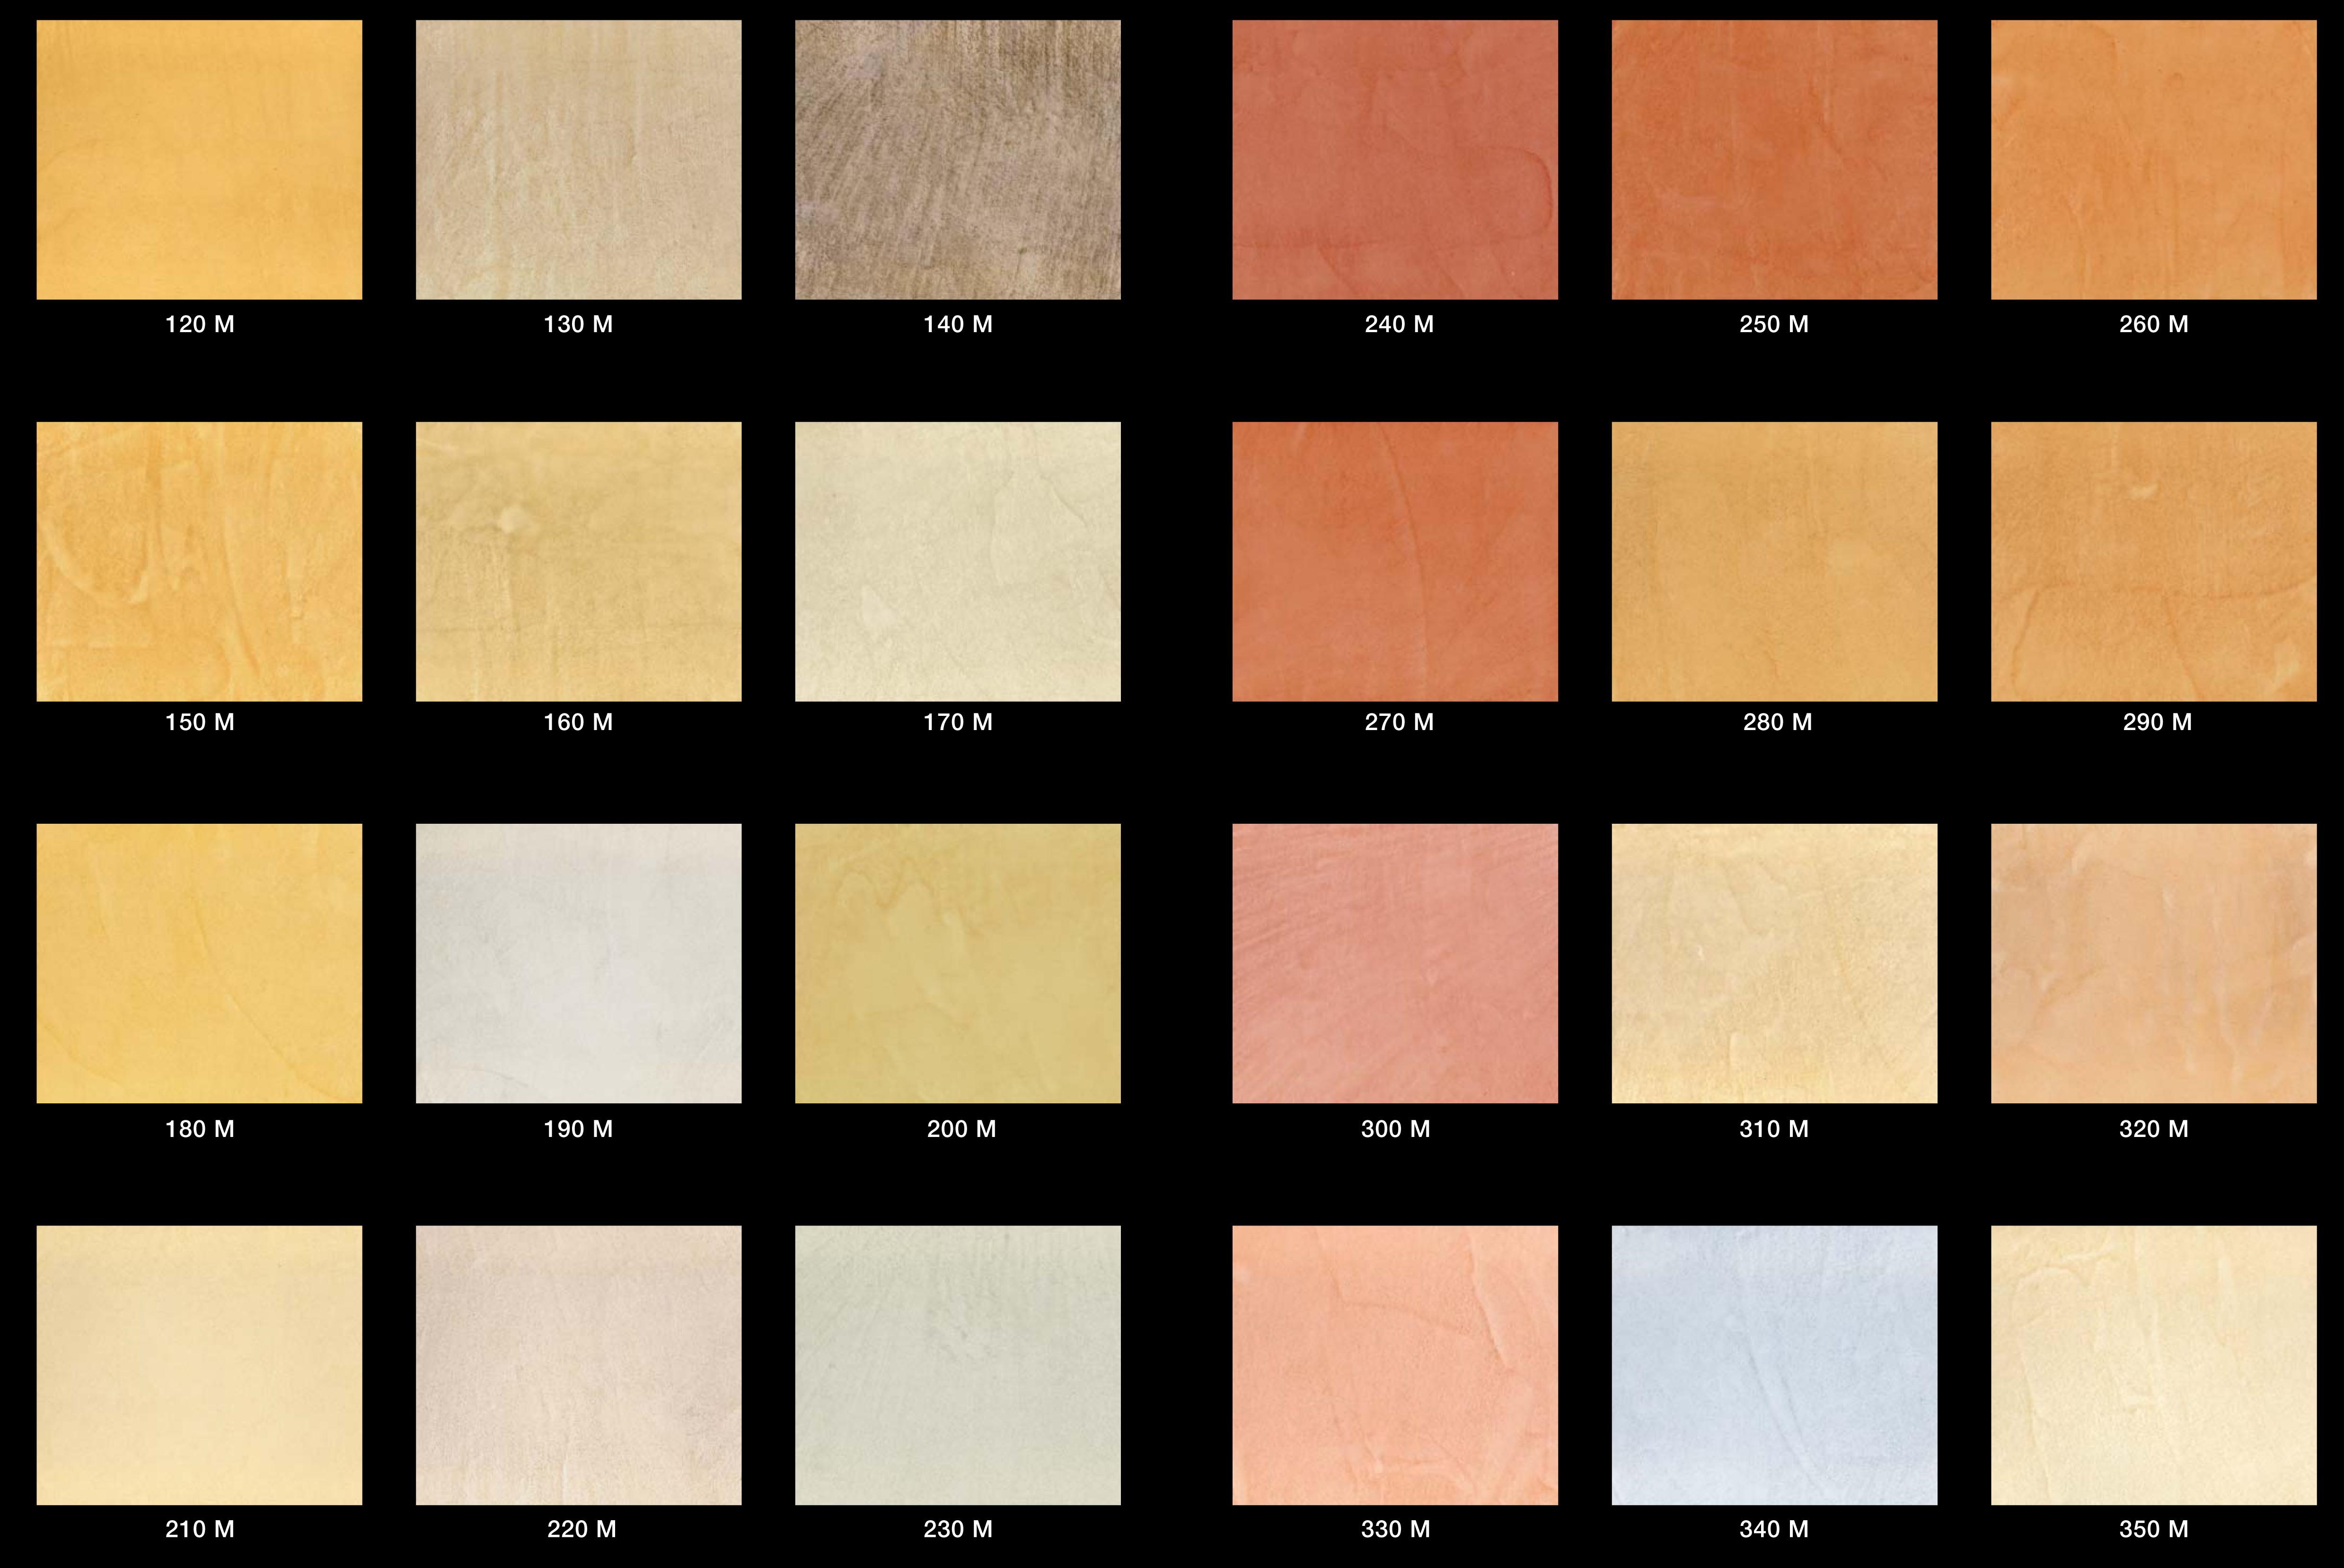 Ordinaire Peinture Sur Enduit Chaux #4: La-maison-de-l-ecologie-Dolci-peinture-renovation-enduit-naturel-chaux-Enduit-à-la-chaux-grains-moyen-0,7mm-Dolci-DOL3003-31.jpg